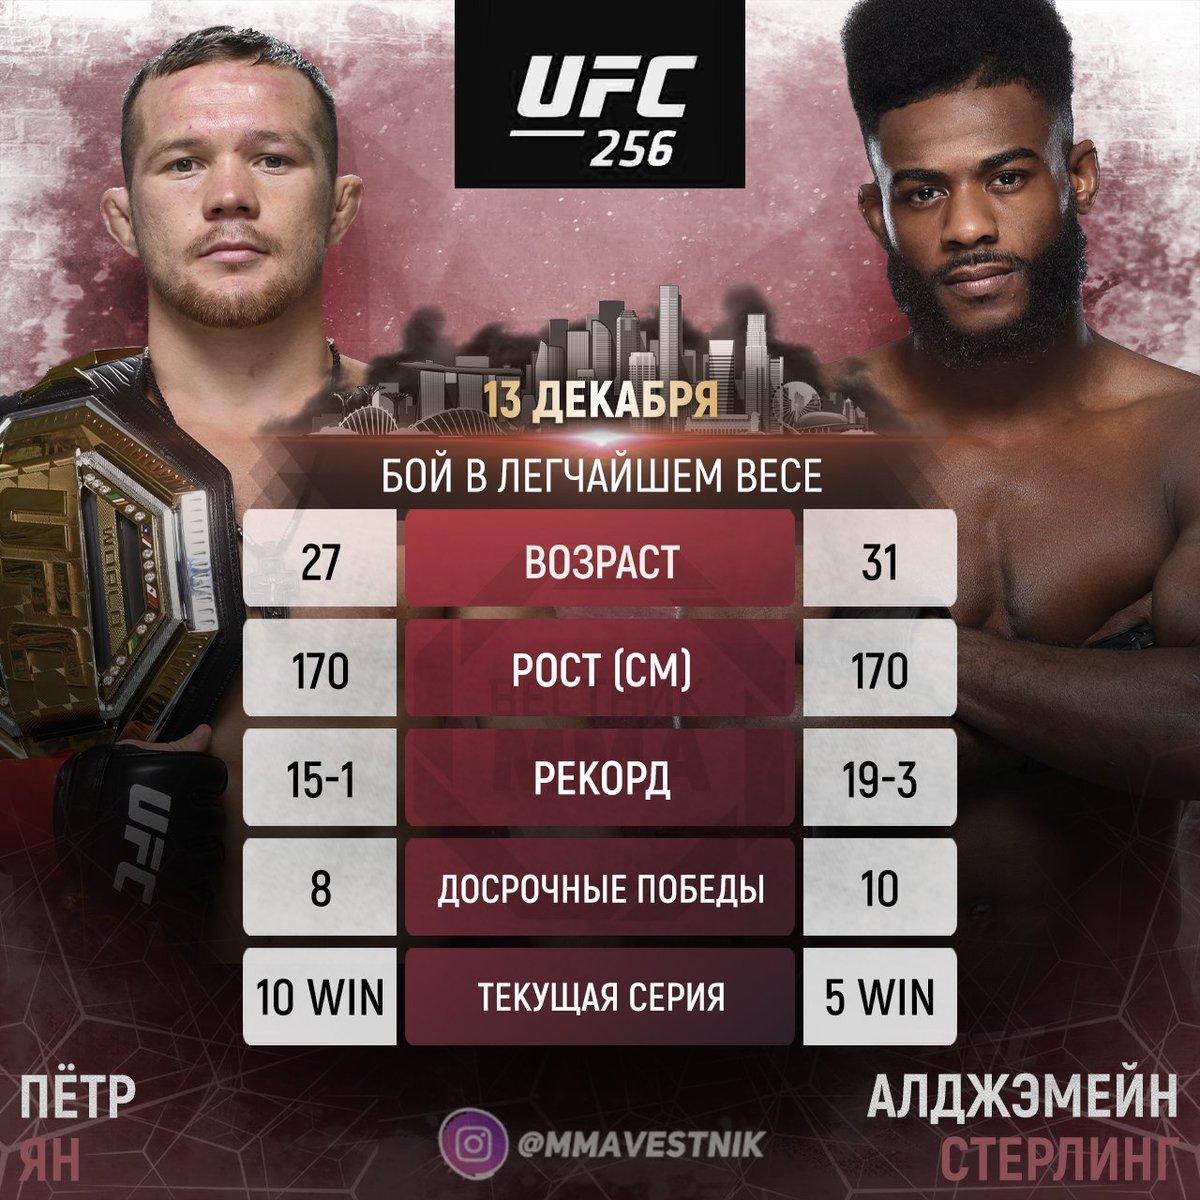 👑 Пётр Ян (UFC 7-0) проведёт первую защиту титула против Алджэмейна Стерлинга (UFC 11-3) 13 декабря на турнире #UFC256 в Лас-Вегасе. https://t.co/75vCcH6ntC